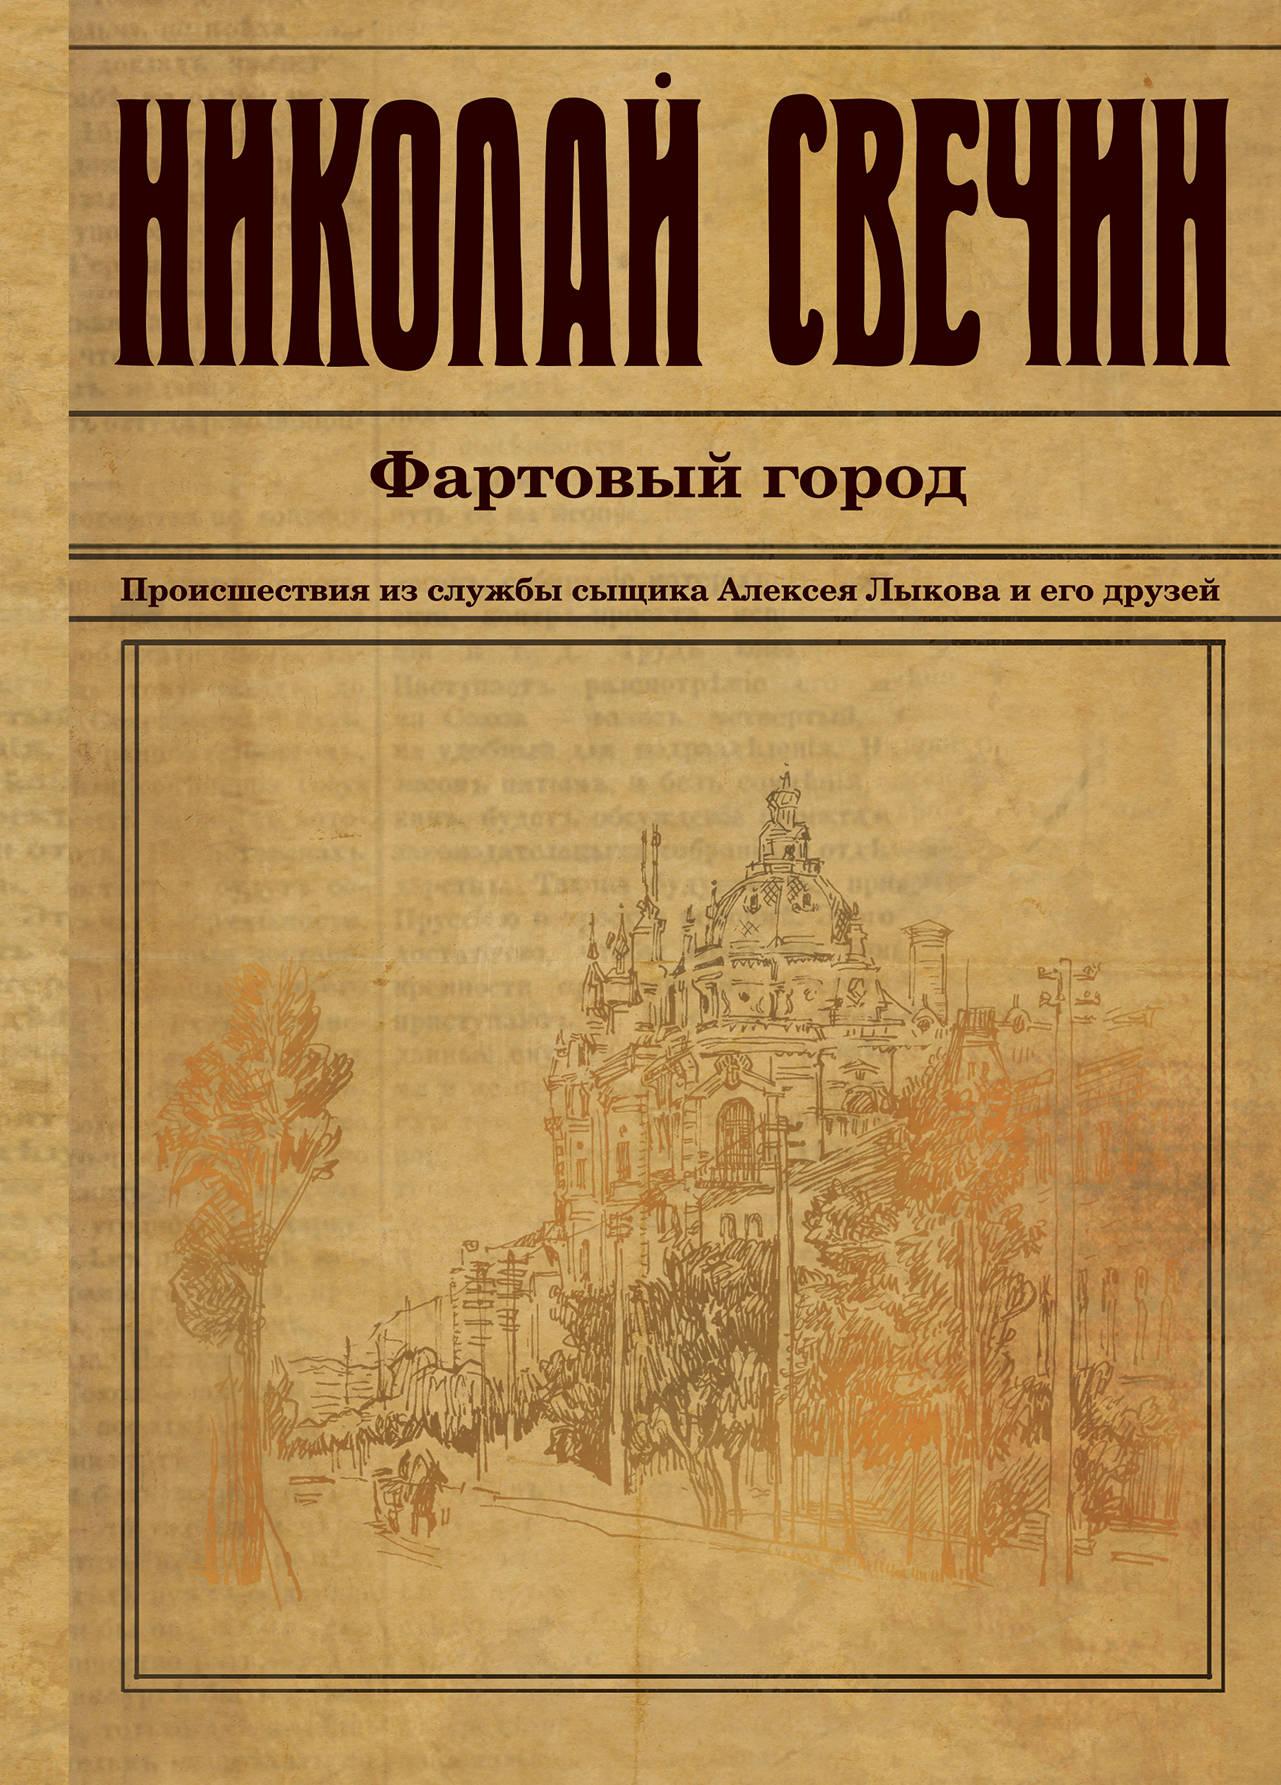 Свечин Николай Фартовый город